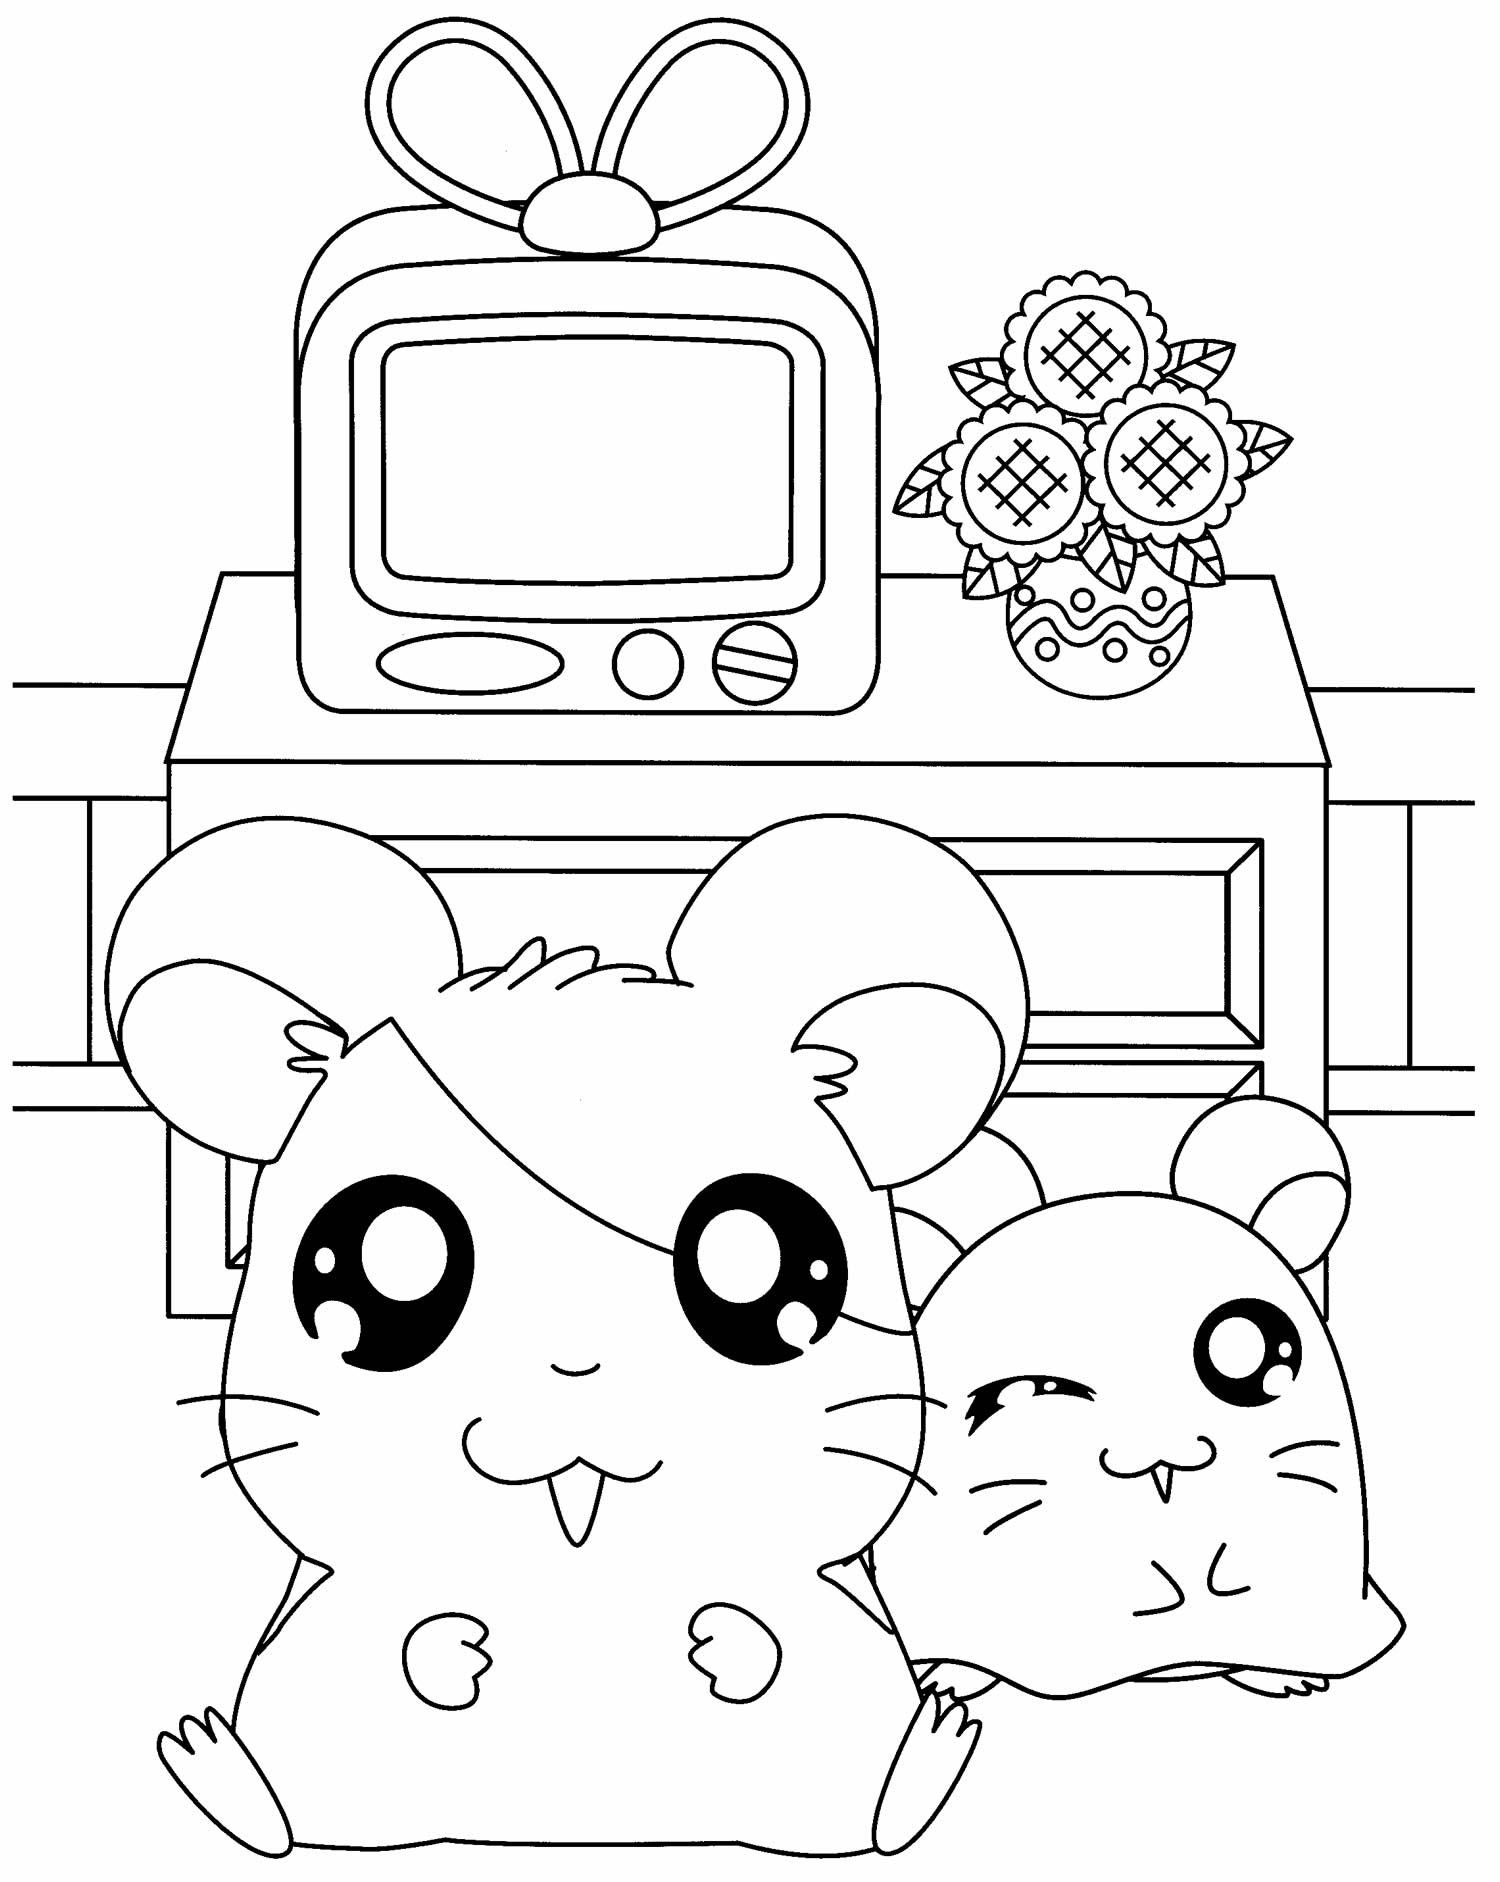 Desenho do Hamtaro para pintar